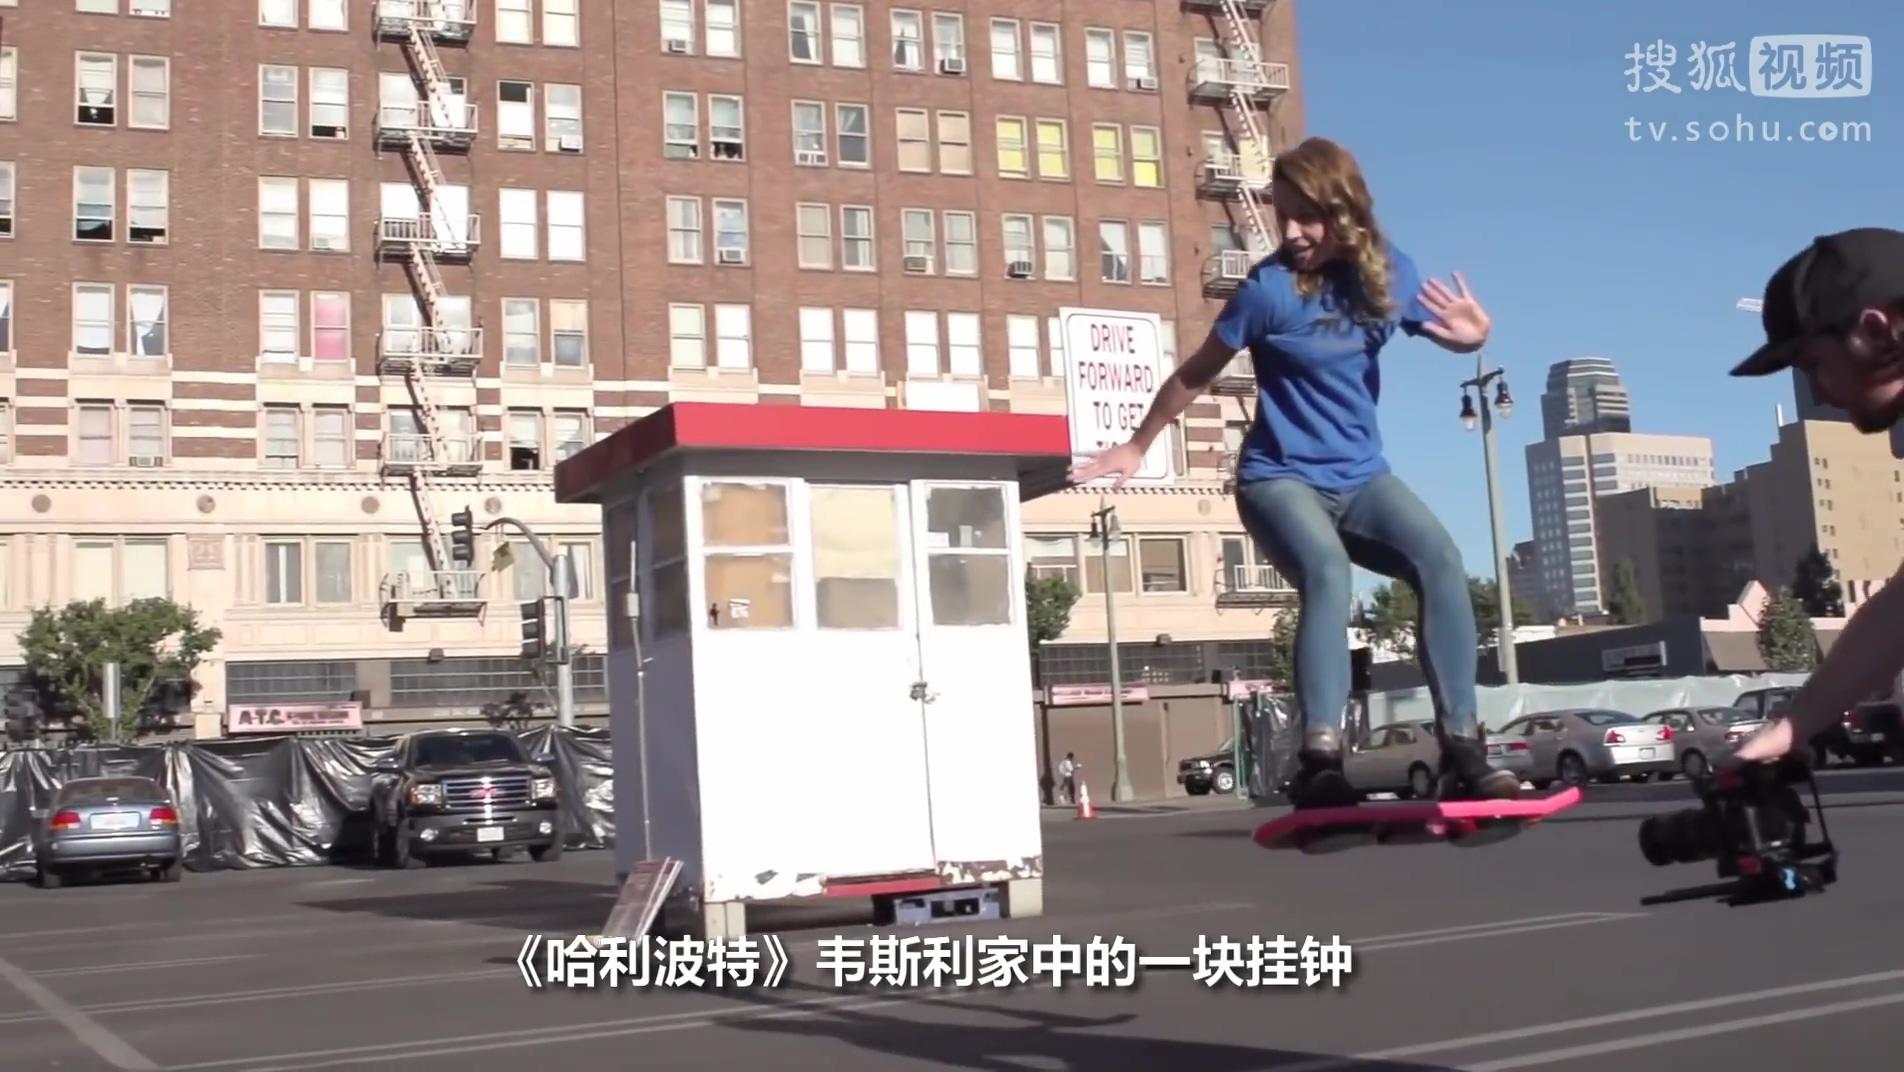 反重力可悬浮滑板 吊炸天-科技视频-搜狐视频